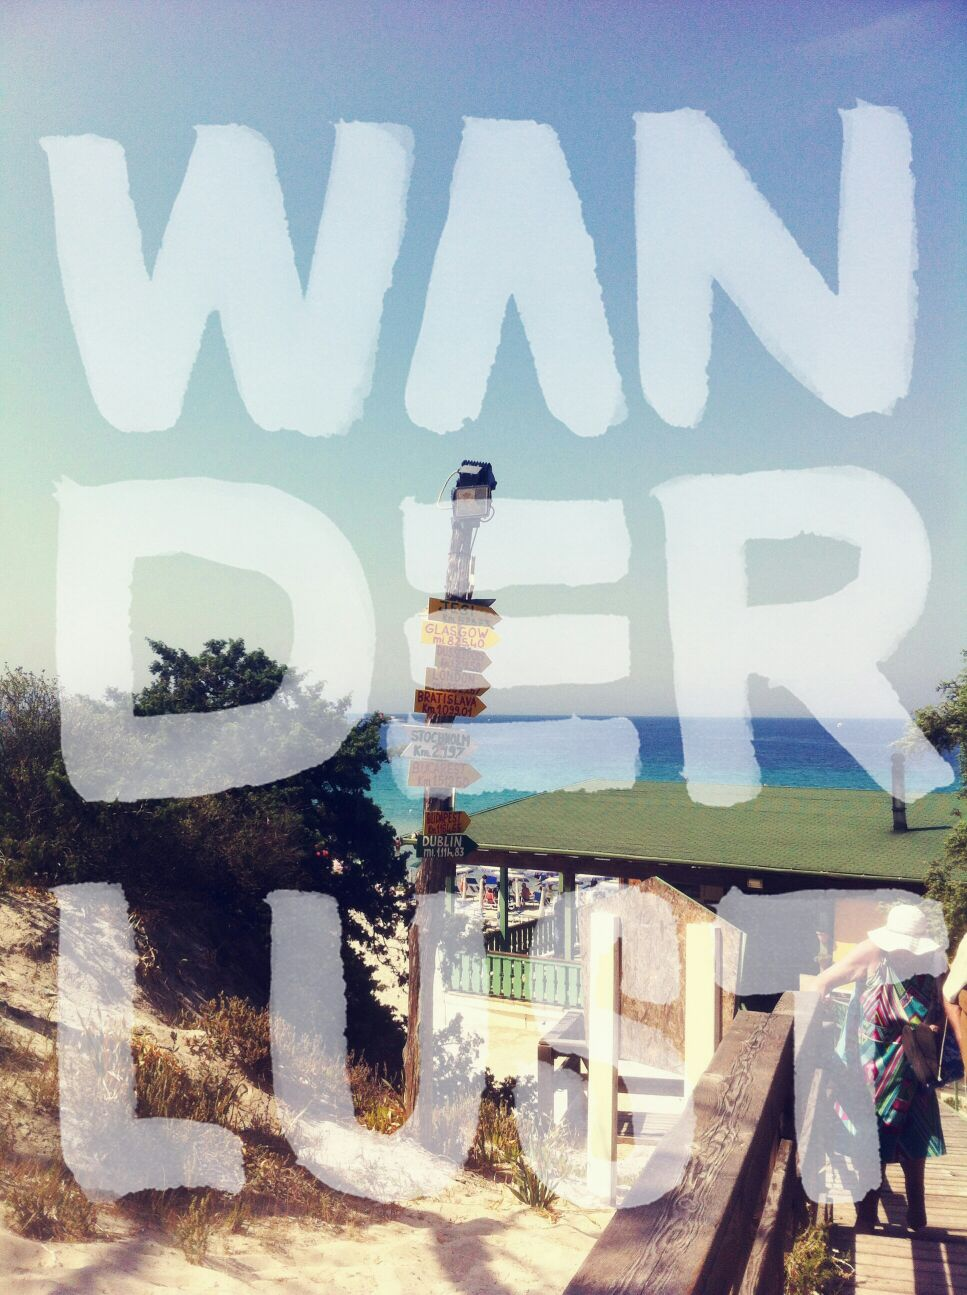 Wanderlust - Rubrica Viaggi - Febbraio 2016